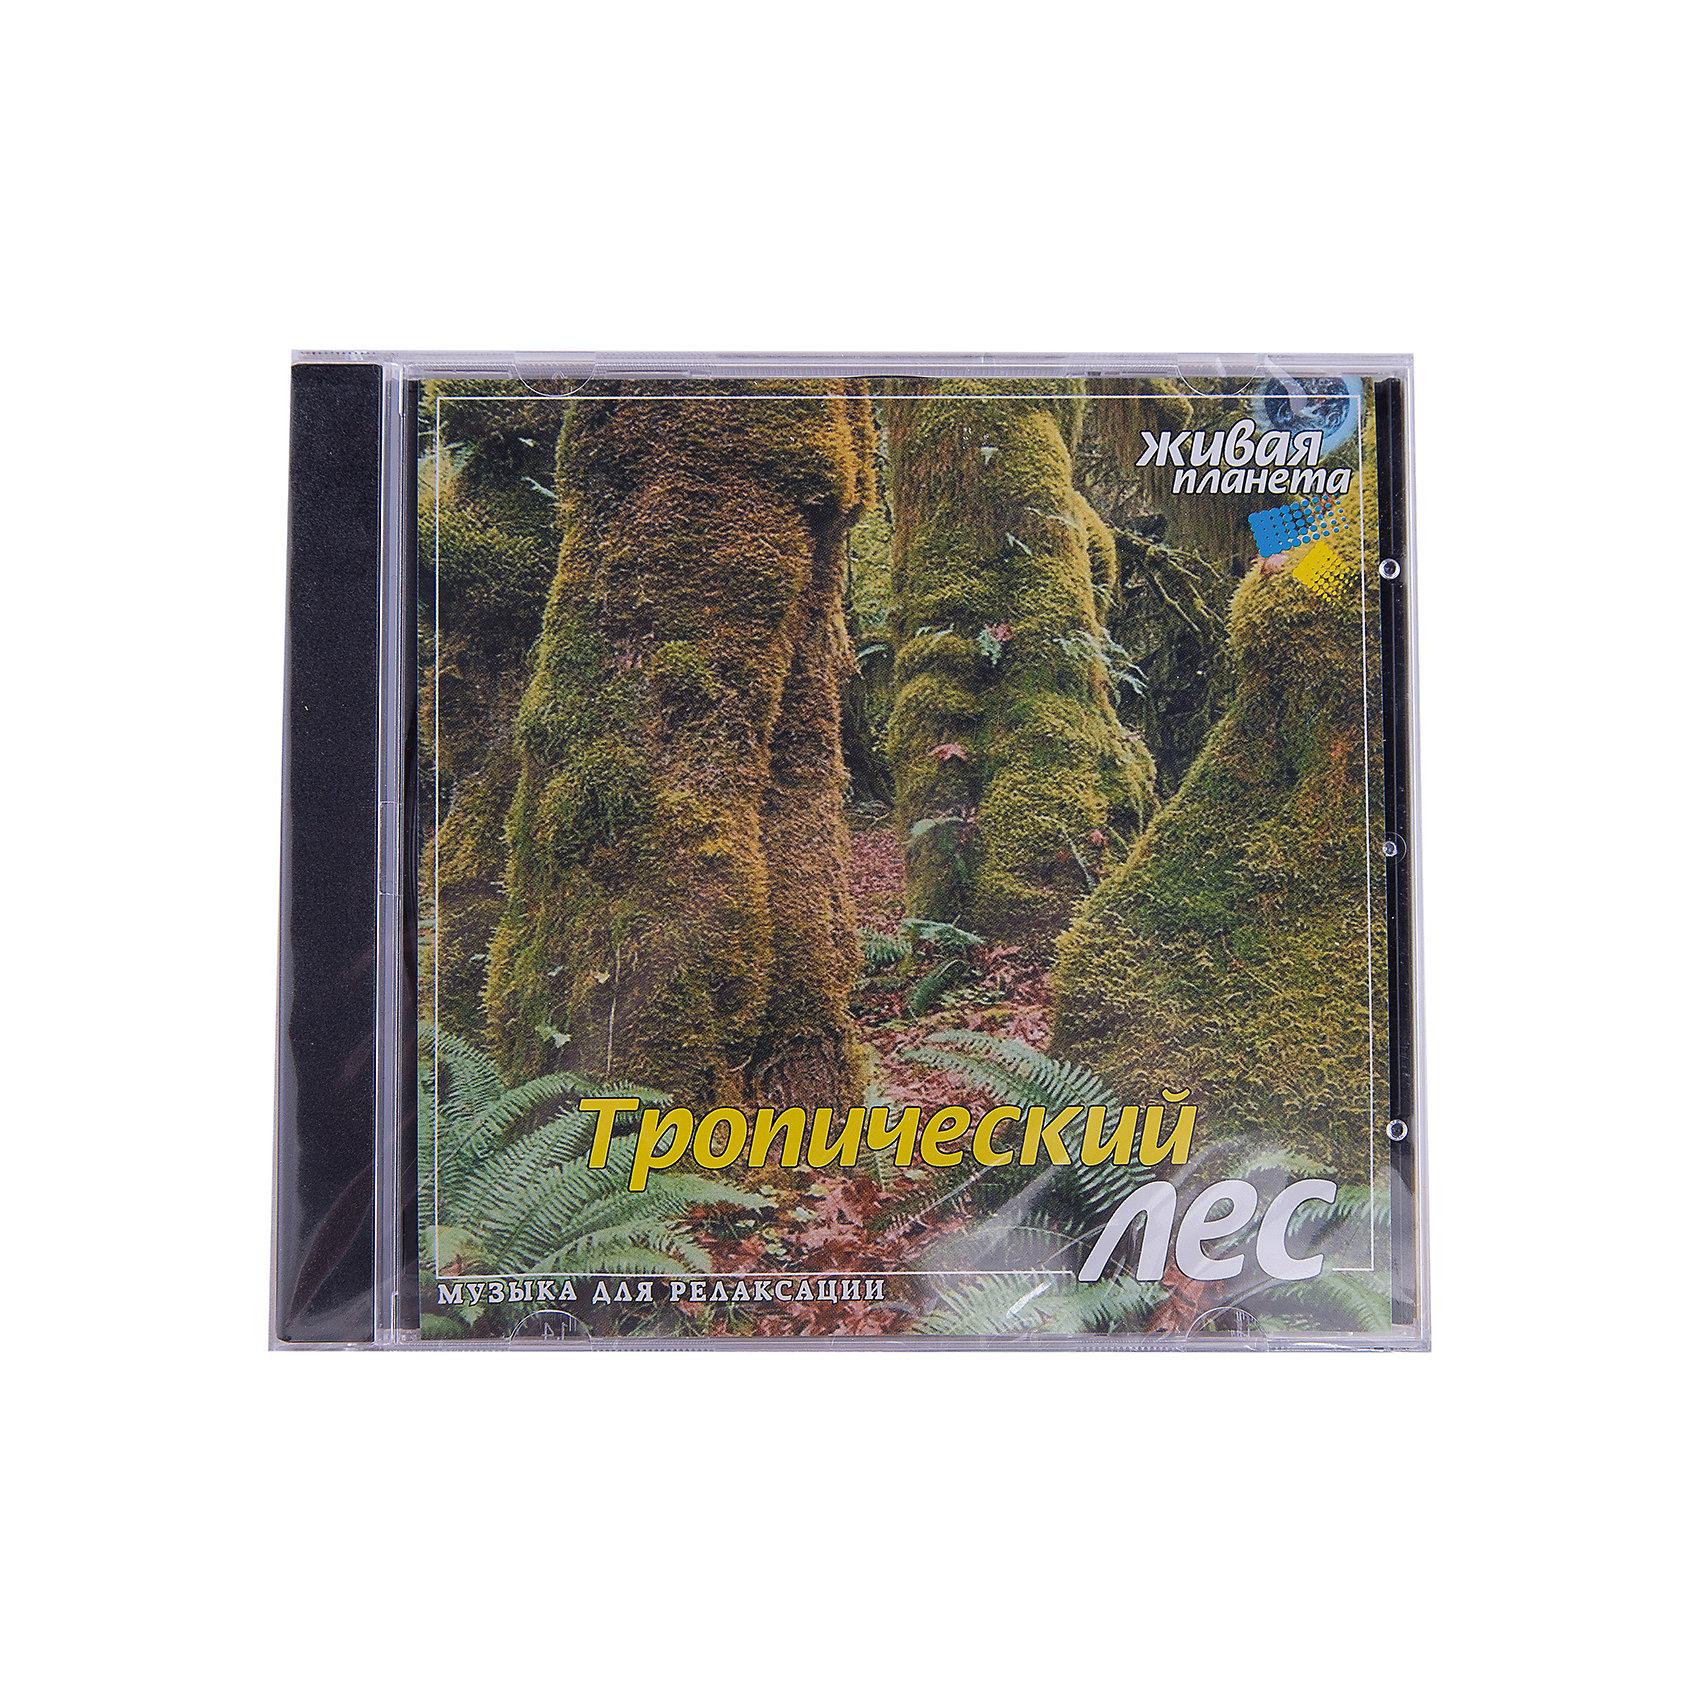 CD Тропический лесБи Смарт<br>Характеристики товара:<br><br>• размер упаковки: 12,5х10х14,2 см;<br>• вес: 79 грамм.<br><br>Звуки тропических джунглей доставят ни с чем не сравнимое удовольствие. Шелест пальм, рык и крики тропических хищников можно услышать, прослушав диск «Тропический лес». Эти прекрасные звуки помогут расслабиться и представить себя в чаще жарких тропиков.<br><br>CD Тропический лес  можно купить в нашем интернет-магазине.<br><br>Ширина мм: 142<br>Глубина мм: 100<br>Высота мм: 125<br>Вес г: 79<br>Возраст от месяцев: 36<br>Возраст до месяцев: 2147483647<br>Пол: Унисекс<br>Возраст: Детский<br>SKU: 5614925